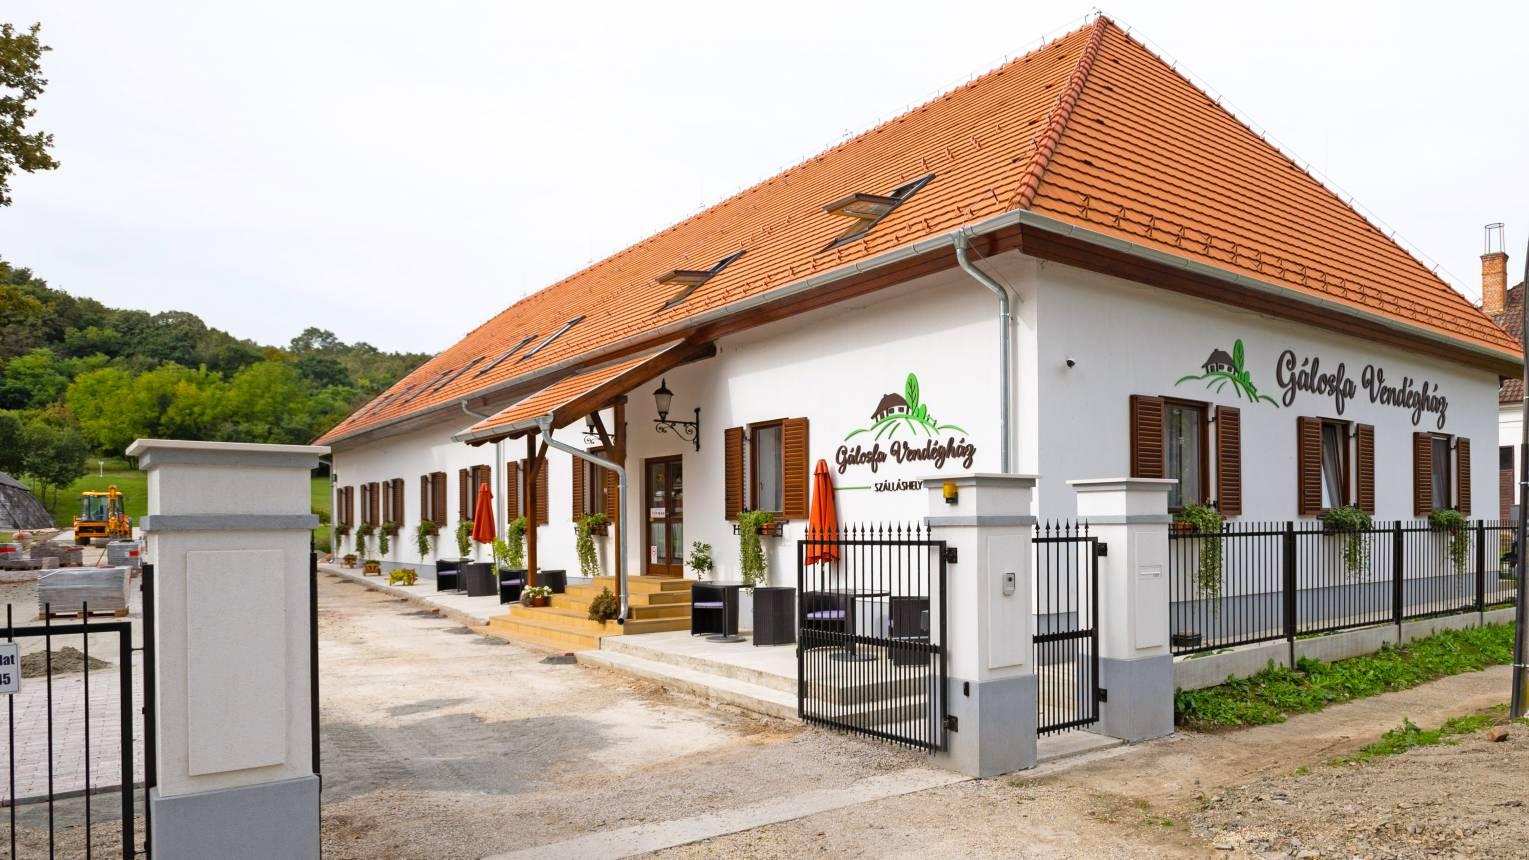 Gálosfai vendégházban kikapcsolódás a Somogyi dombok között